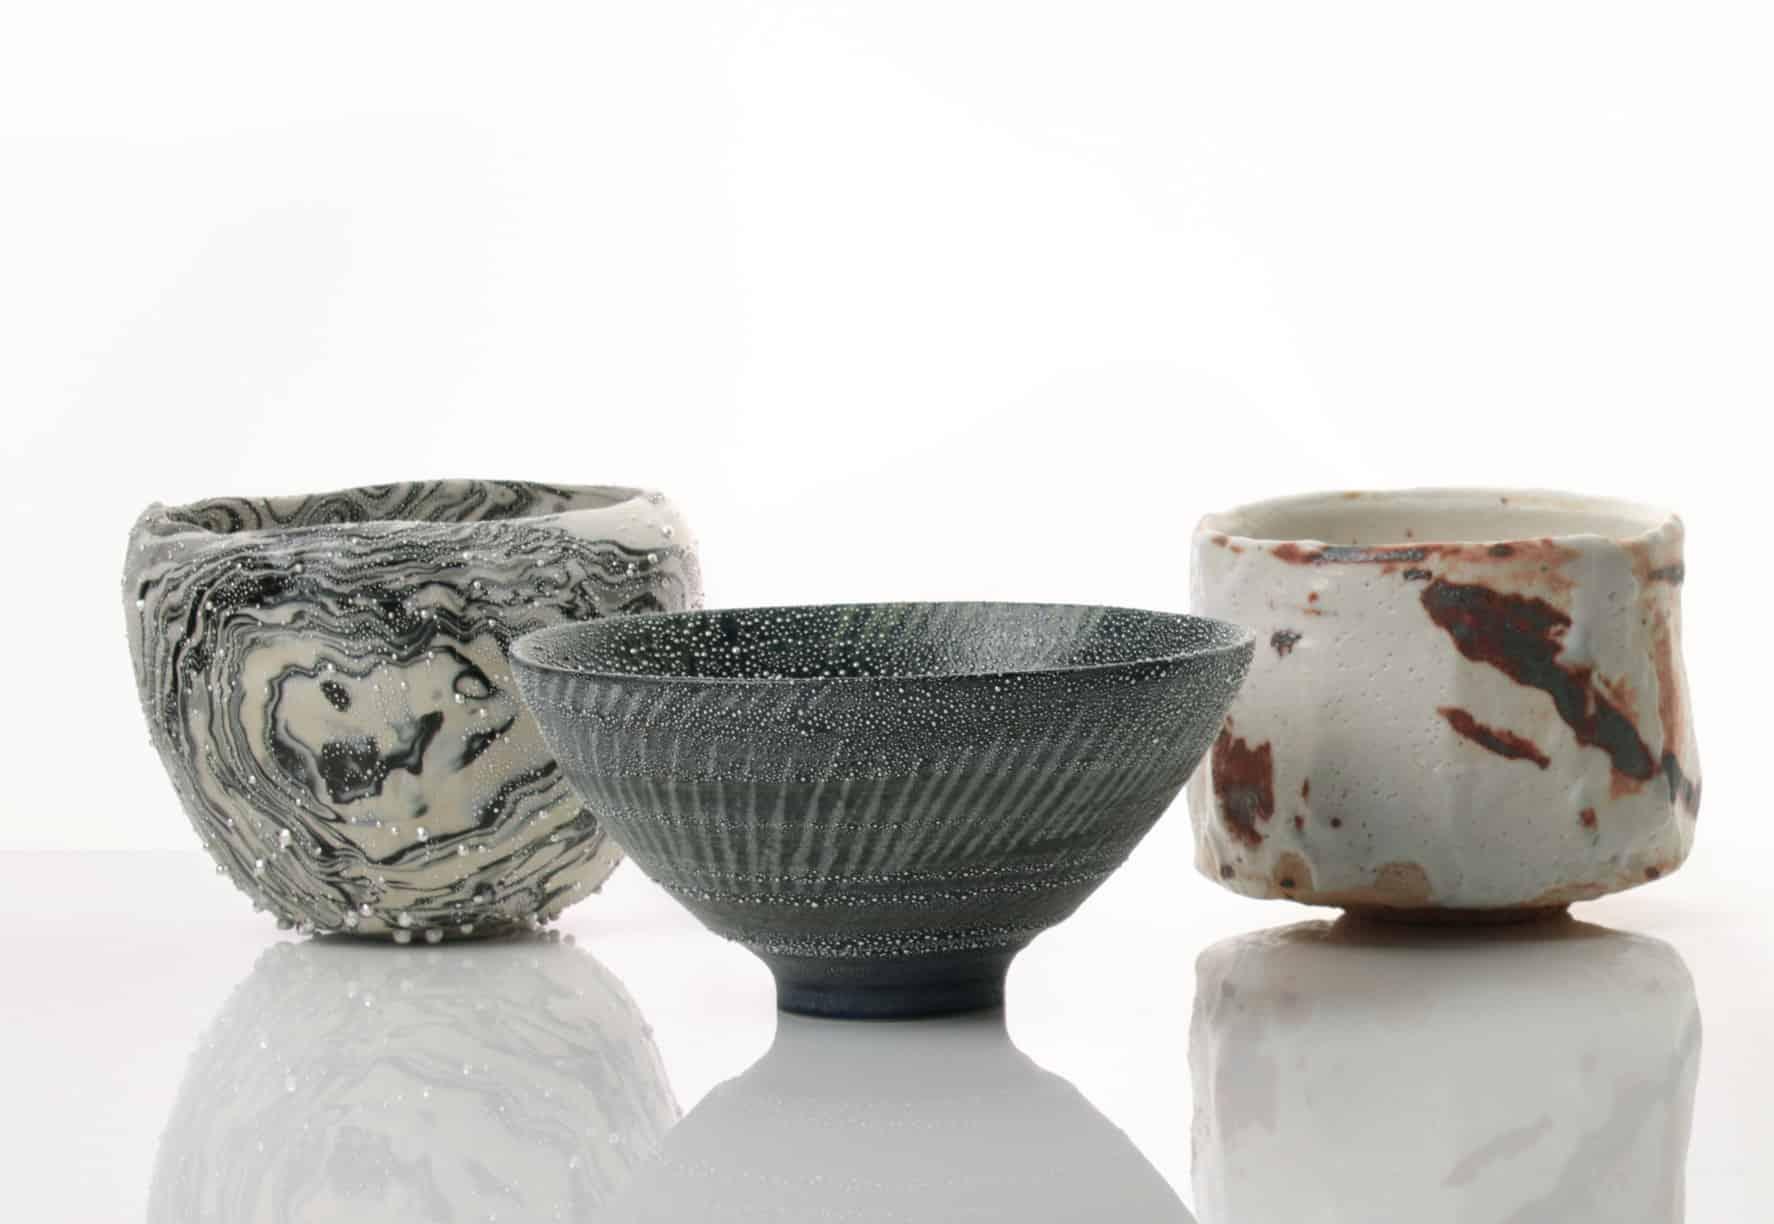 Group of tea bowls by Takahiro Kondo